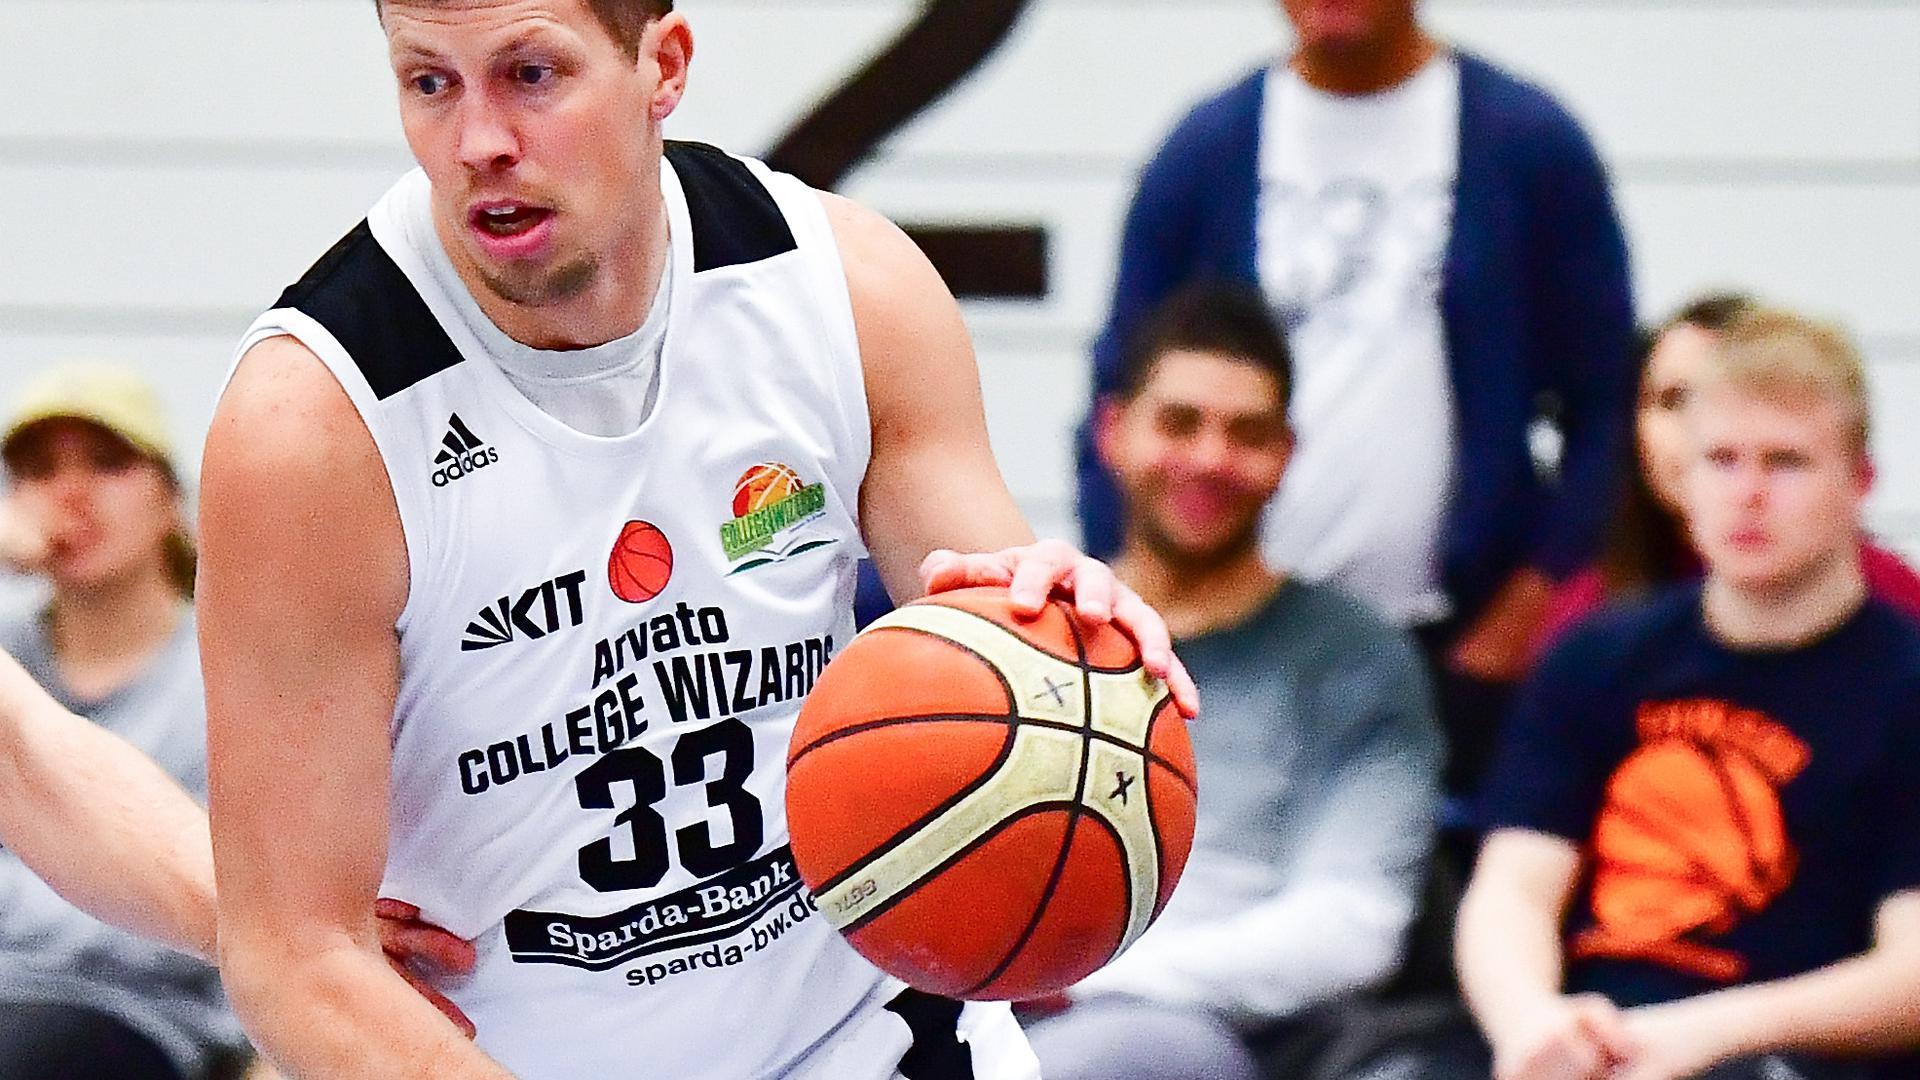 vl Jonas Leidel (MTV), Rouven Roessler (College Wizards Karlsruhe )  GES/ Basketball/ Regionalliga-Suedwest: College Wizards Karlsruhe - MTV Stuttgart, 11.01.2020